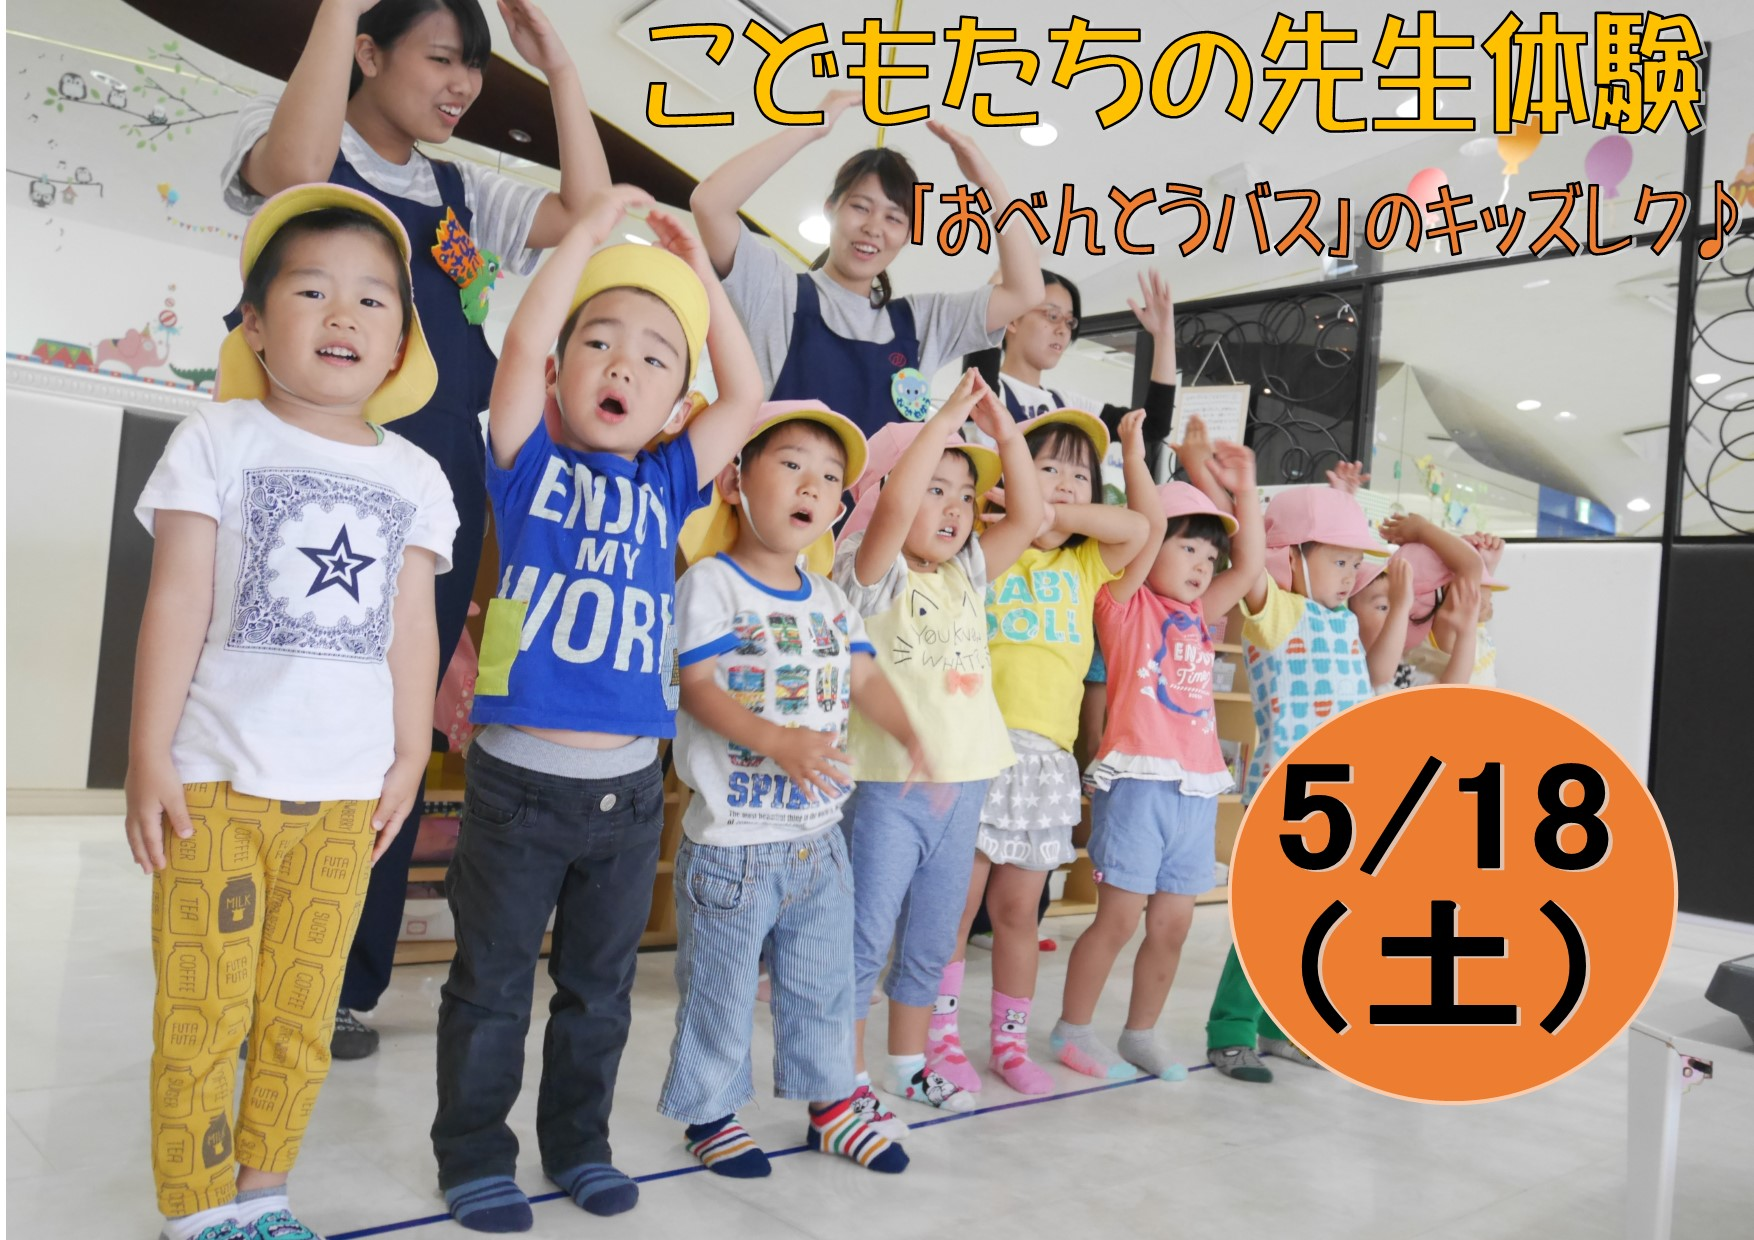 5/18(土)はAO入試合格に近づく日!